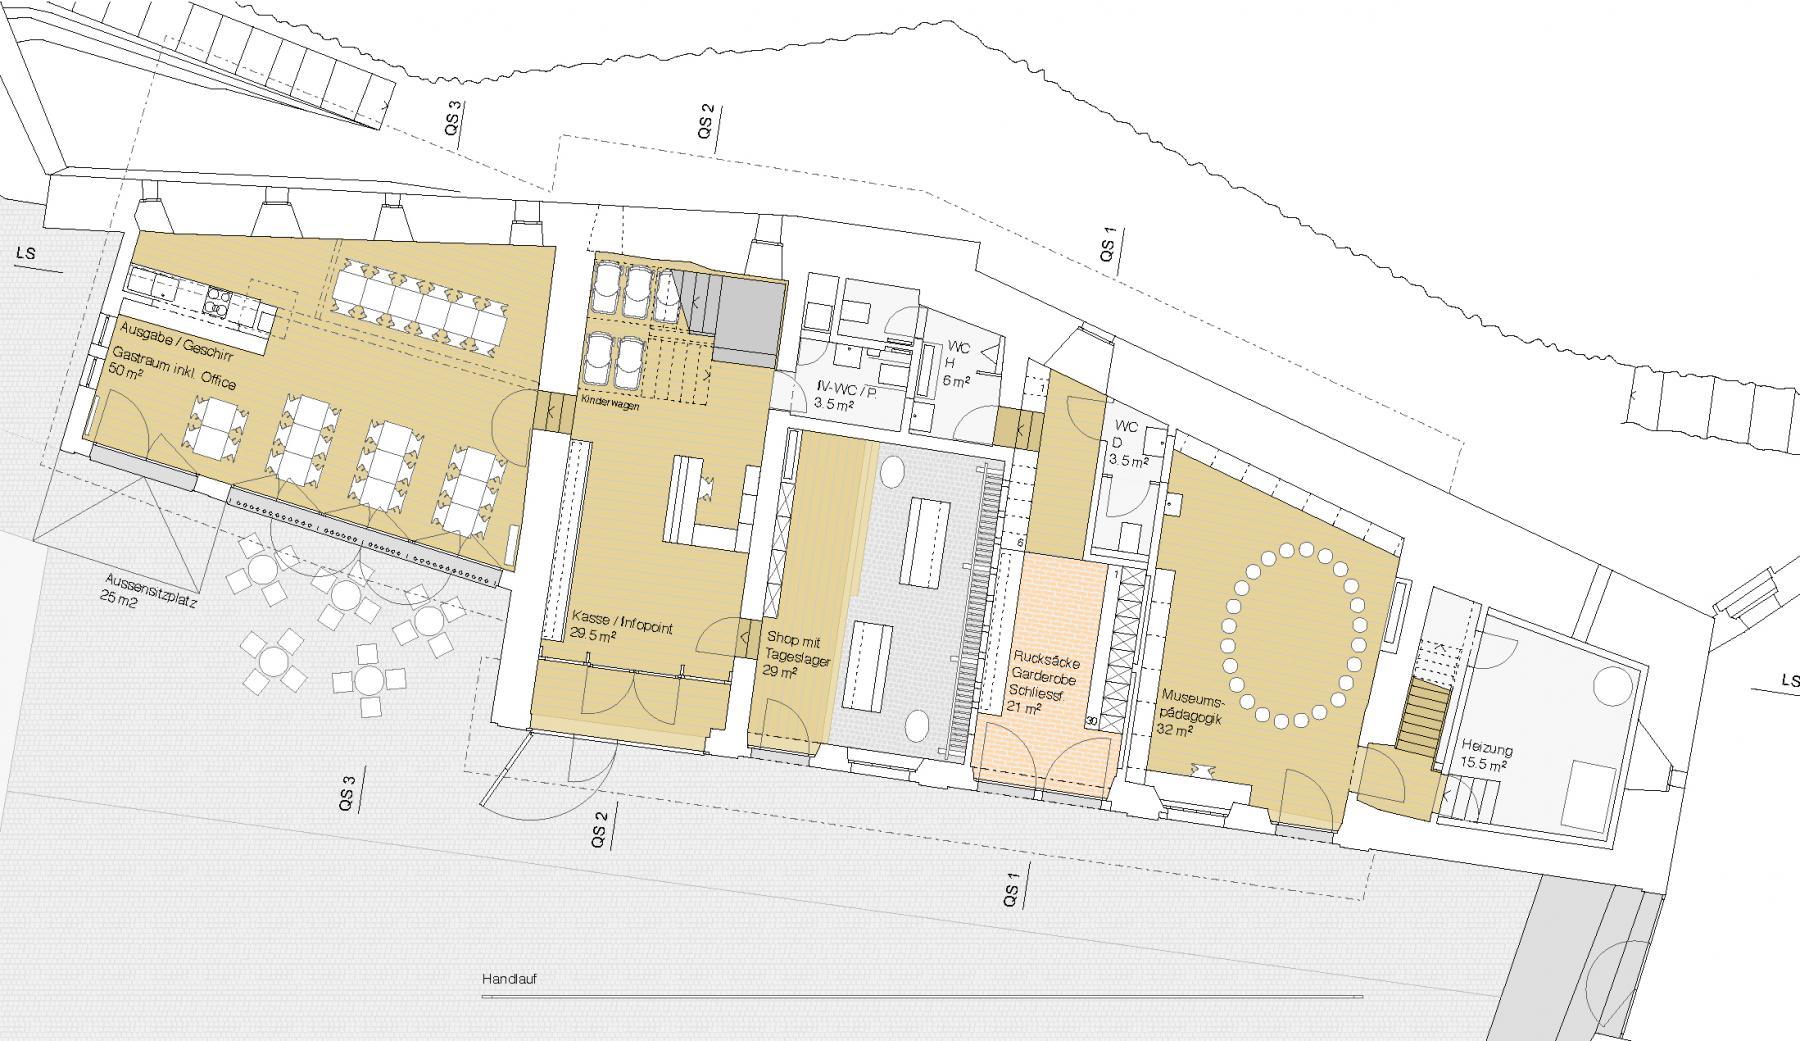 Schloss Kyburg, Nutzungsoptimierung und Umgestaltung Ökonomiegebäude, Ruggero Tropeano Architekten